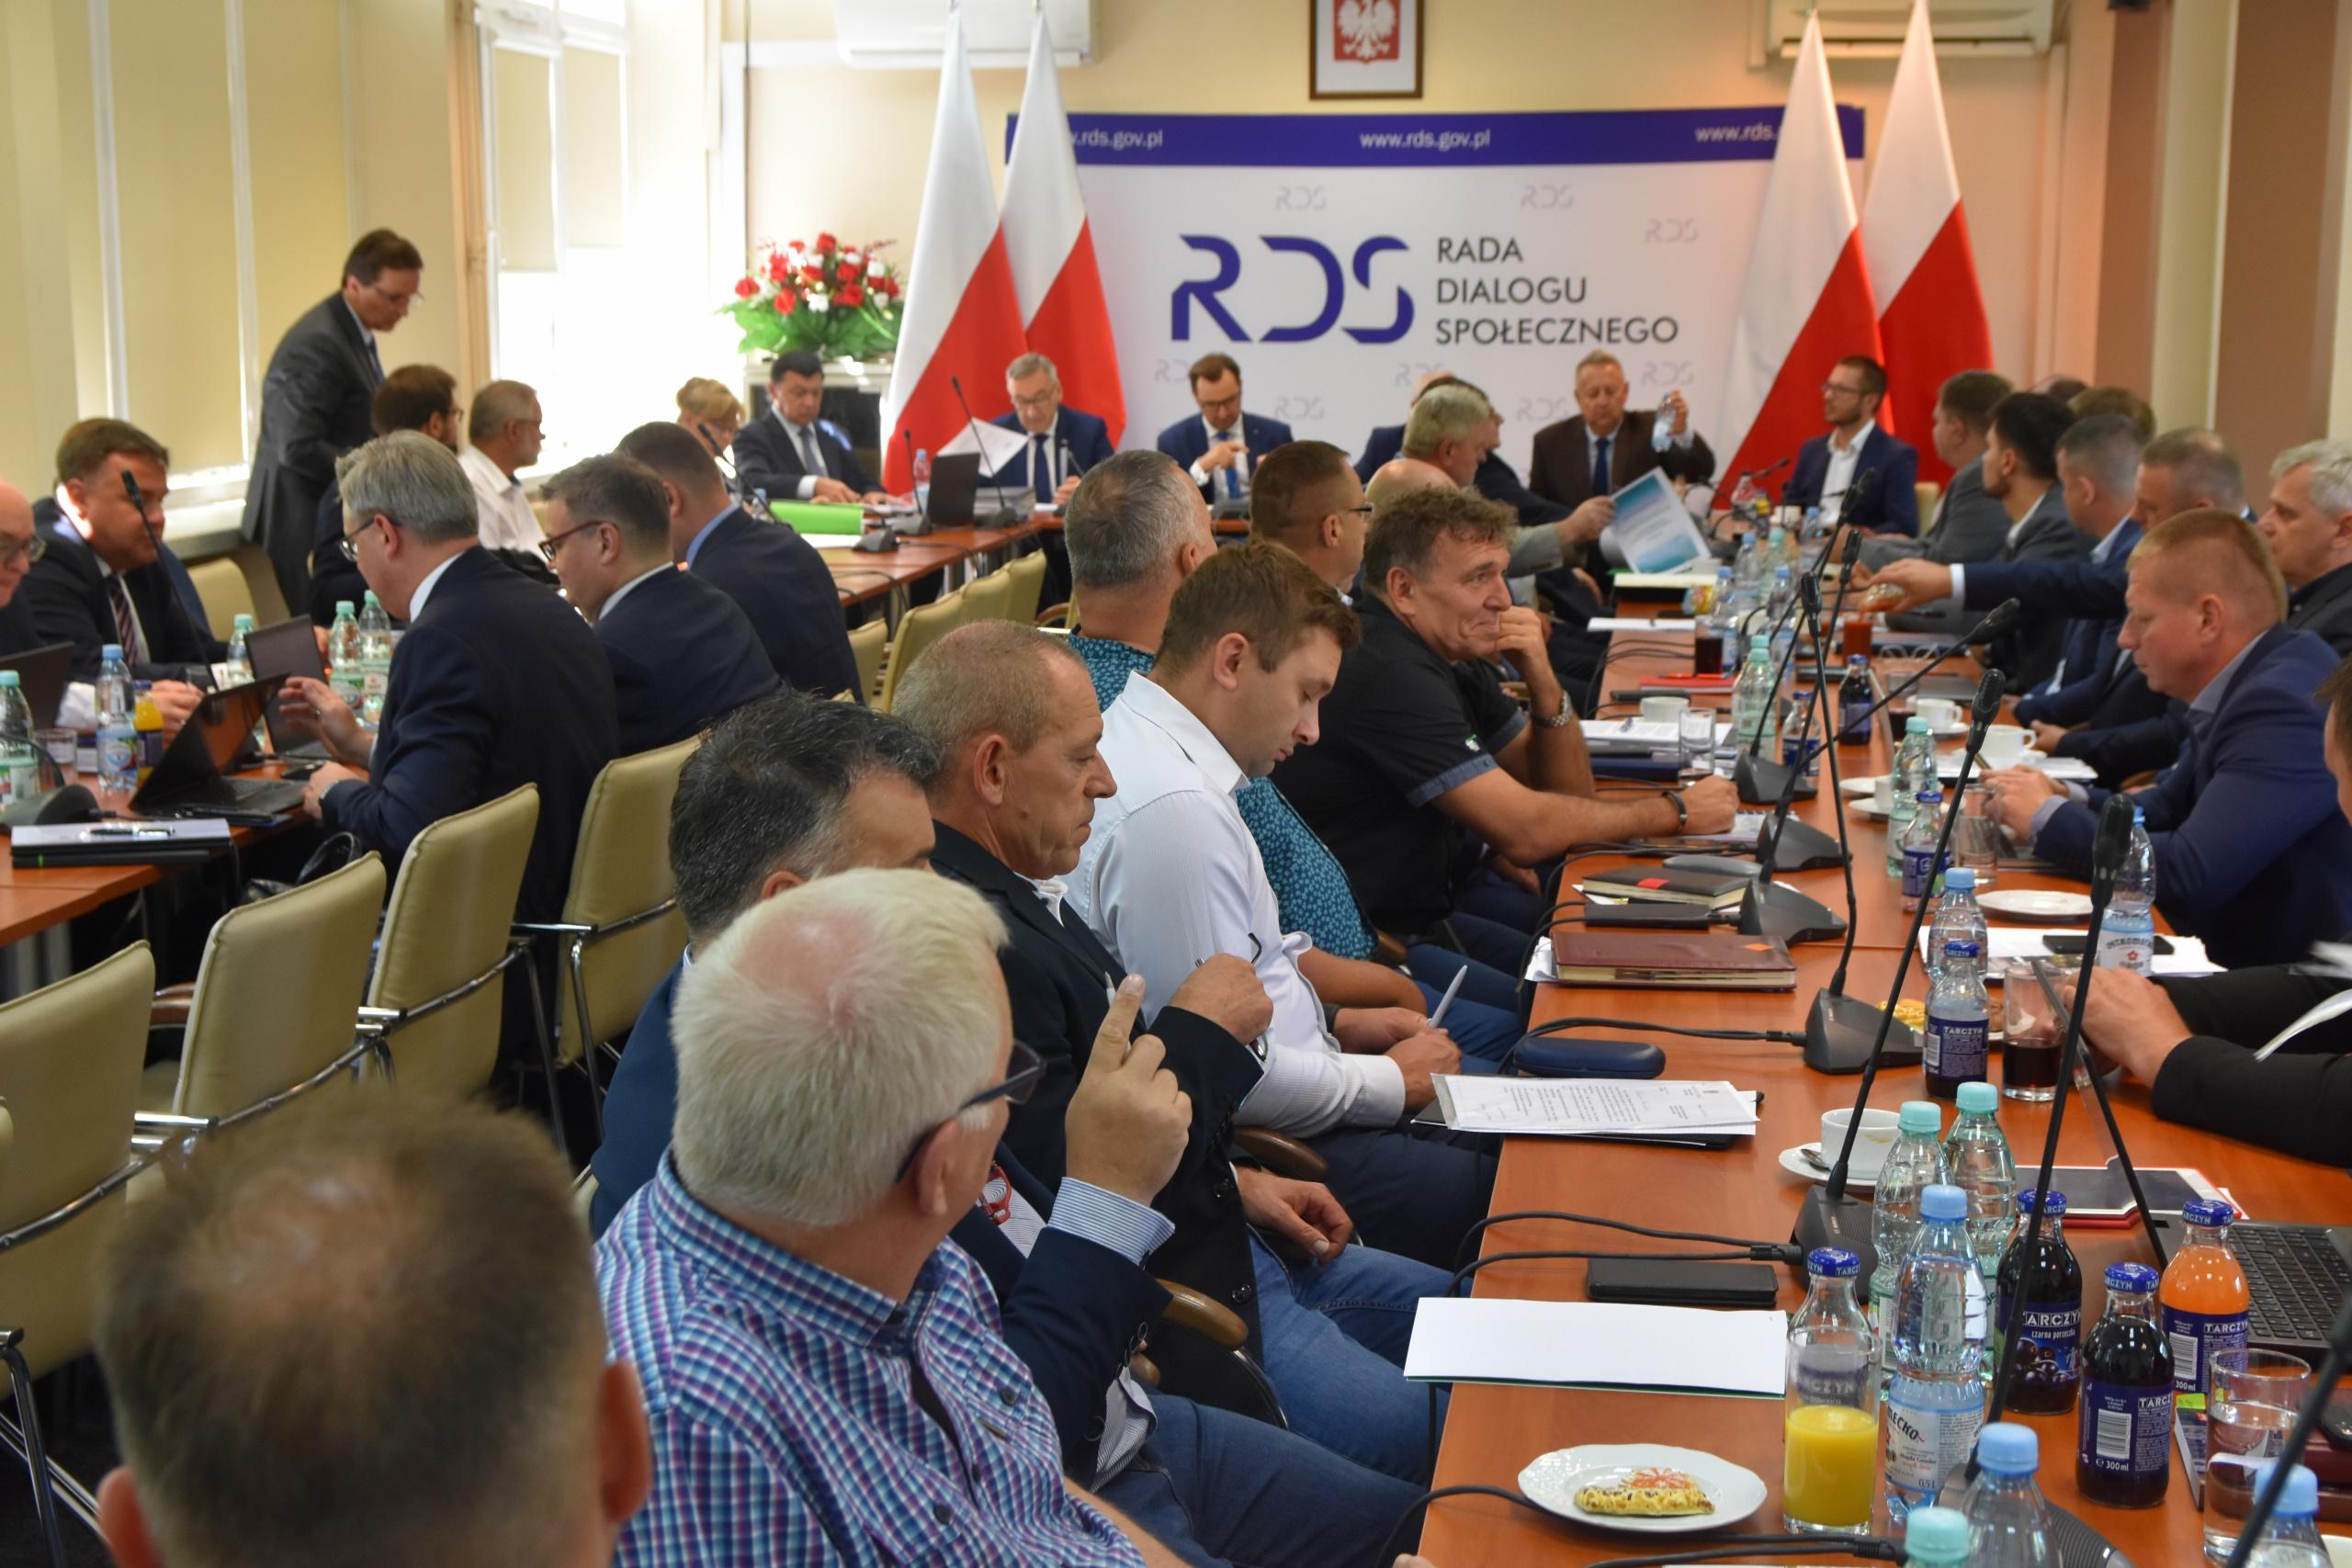 źródło zdjęcia: www.me.gov.pl